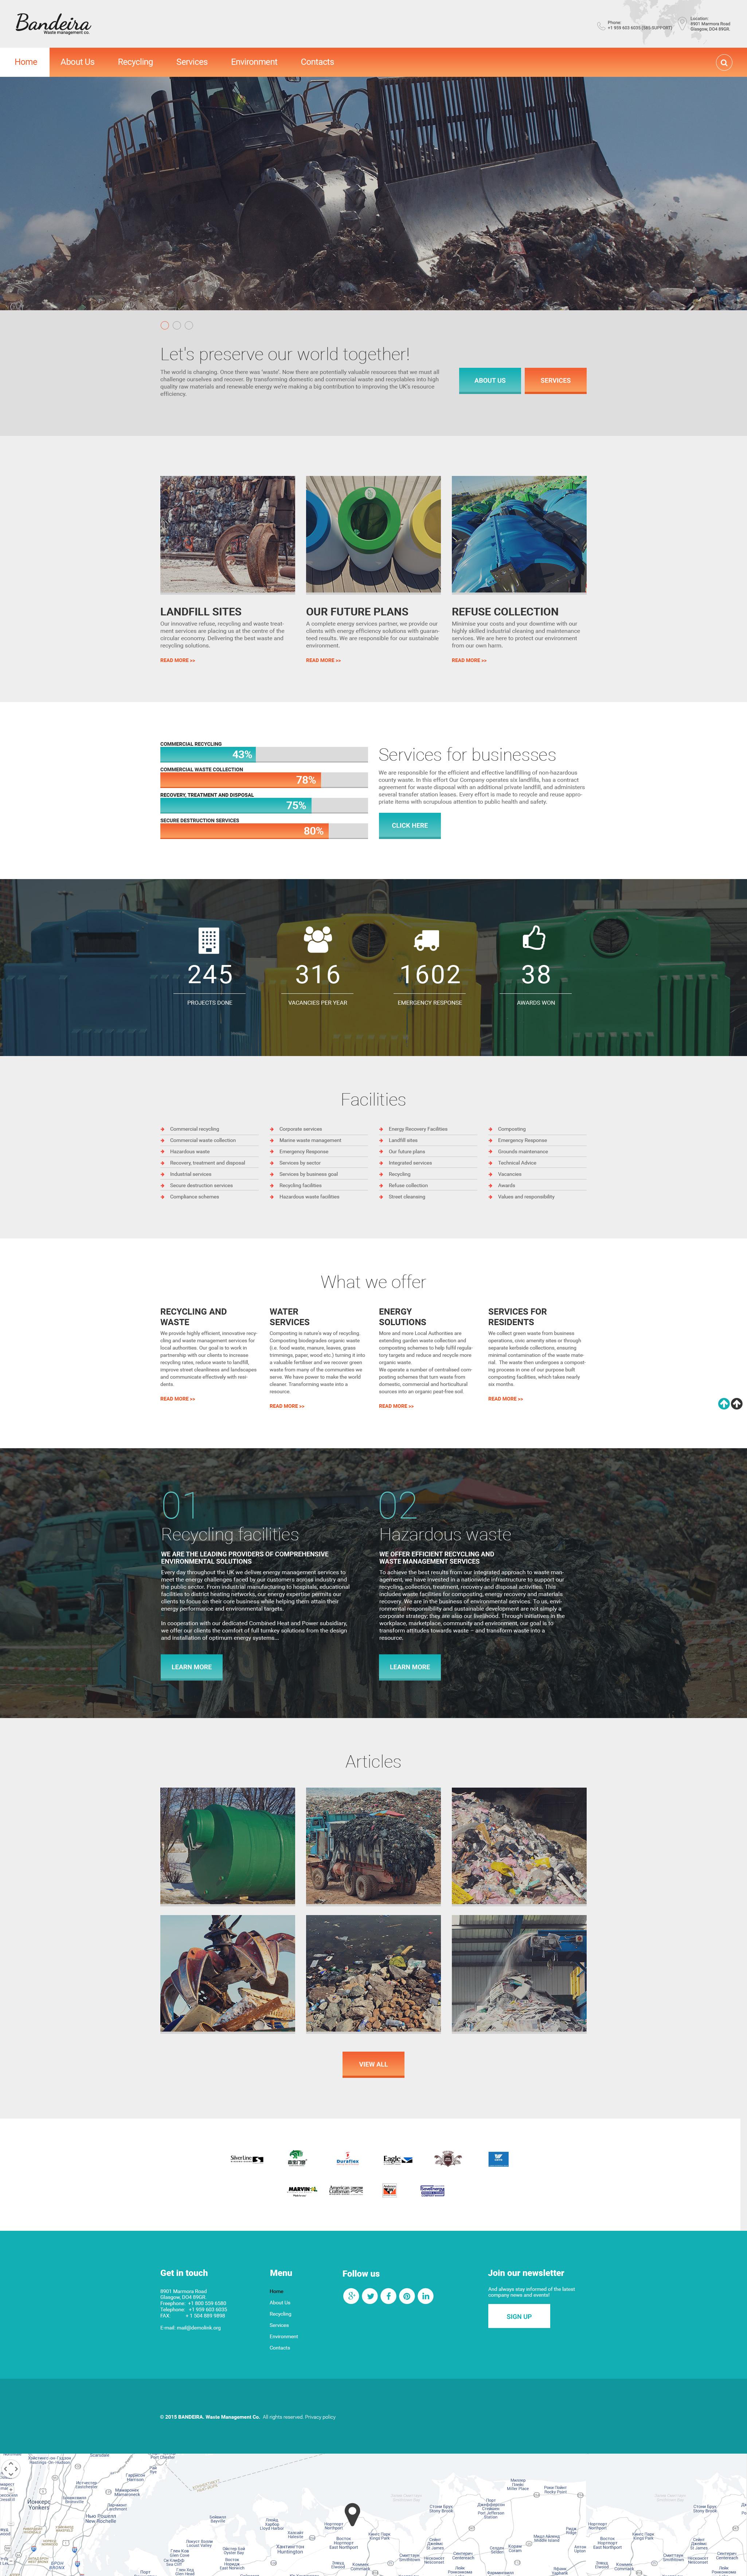 Bandeira Website Template - screenshot